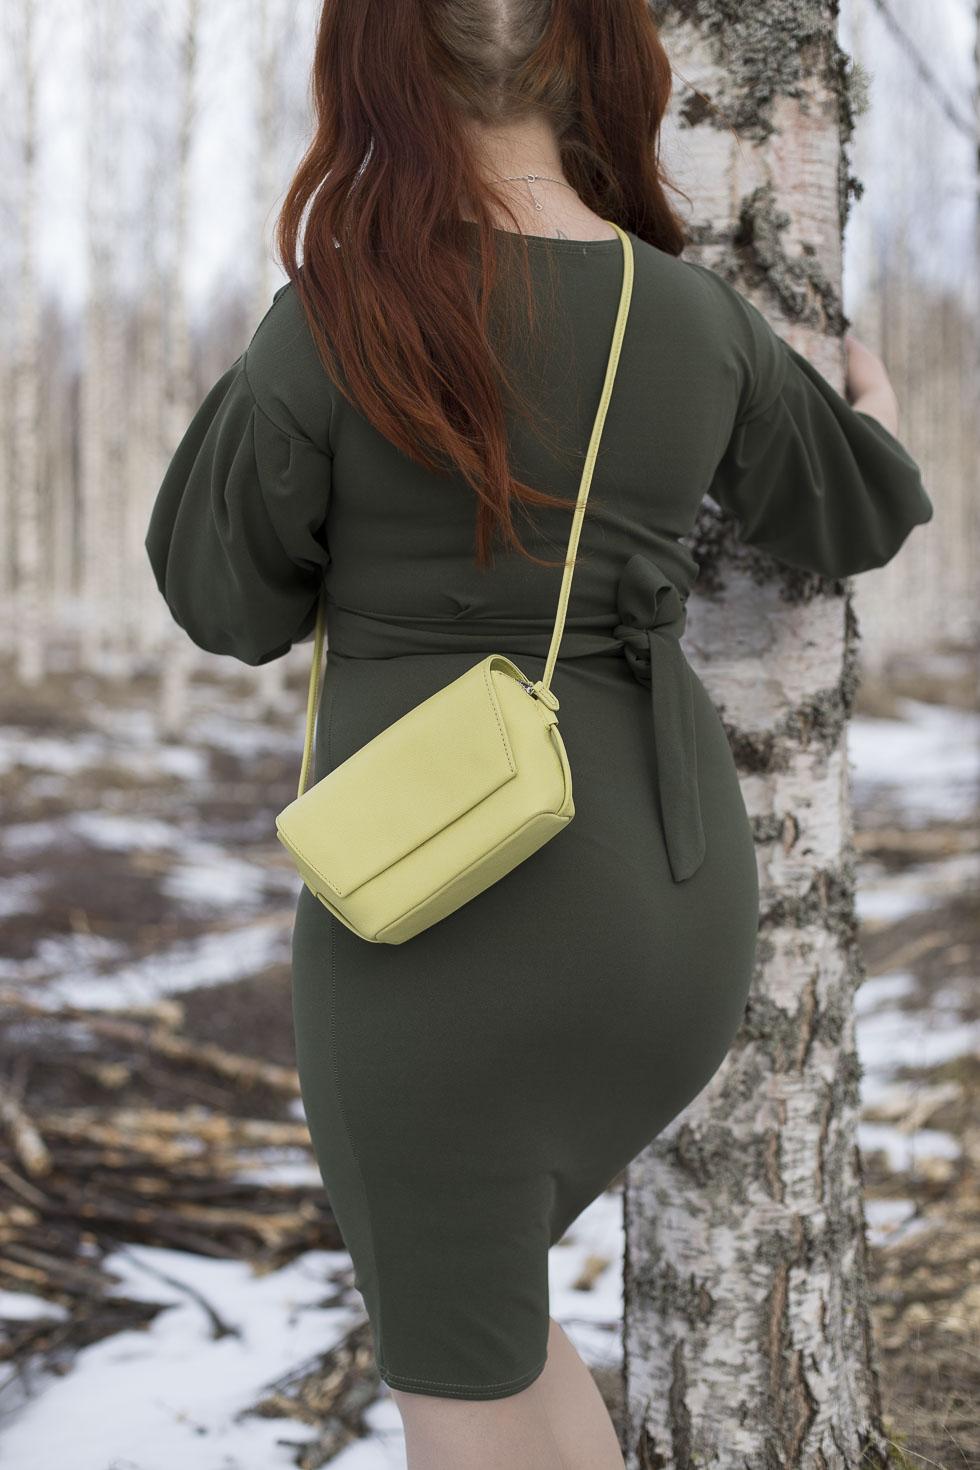 Femme-Luxe-mekko-ja-Marimekon-laukku